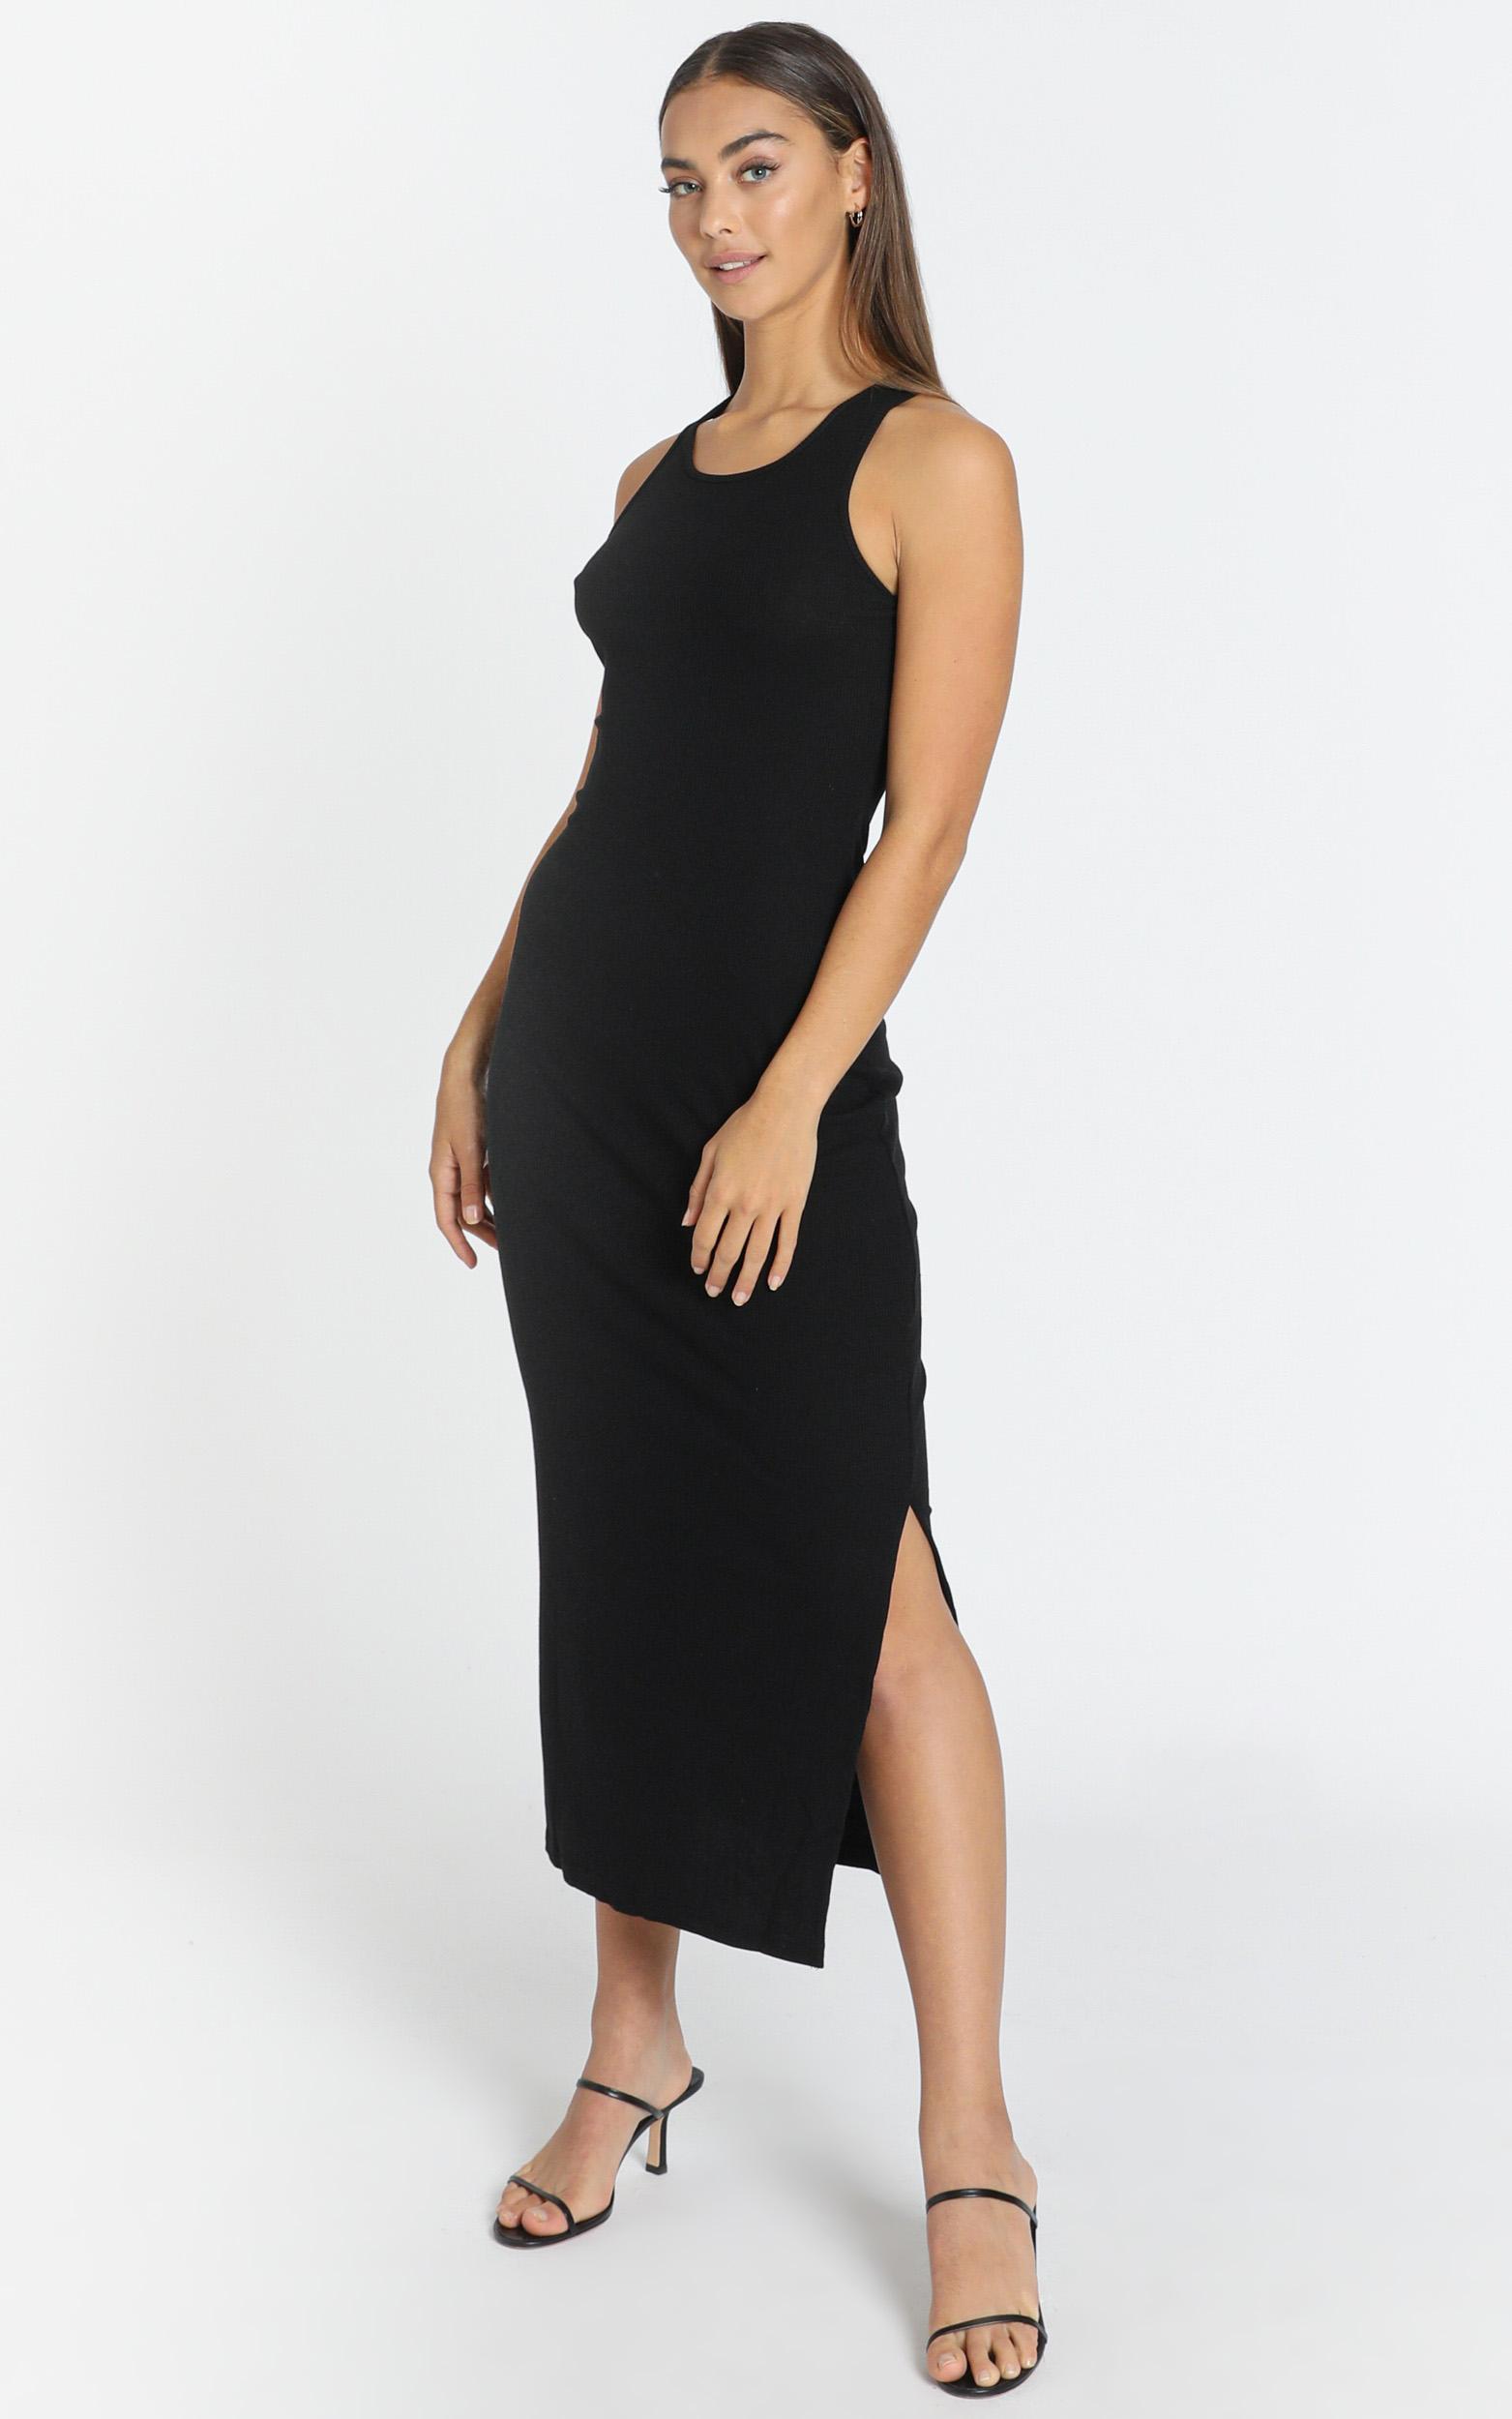 Estelle Dress in Black - 6 (XS), Black, hi-res image number null